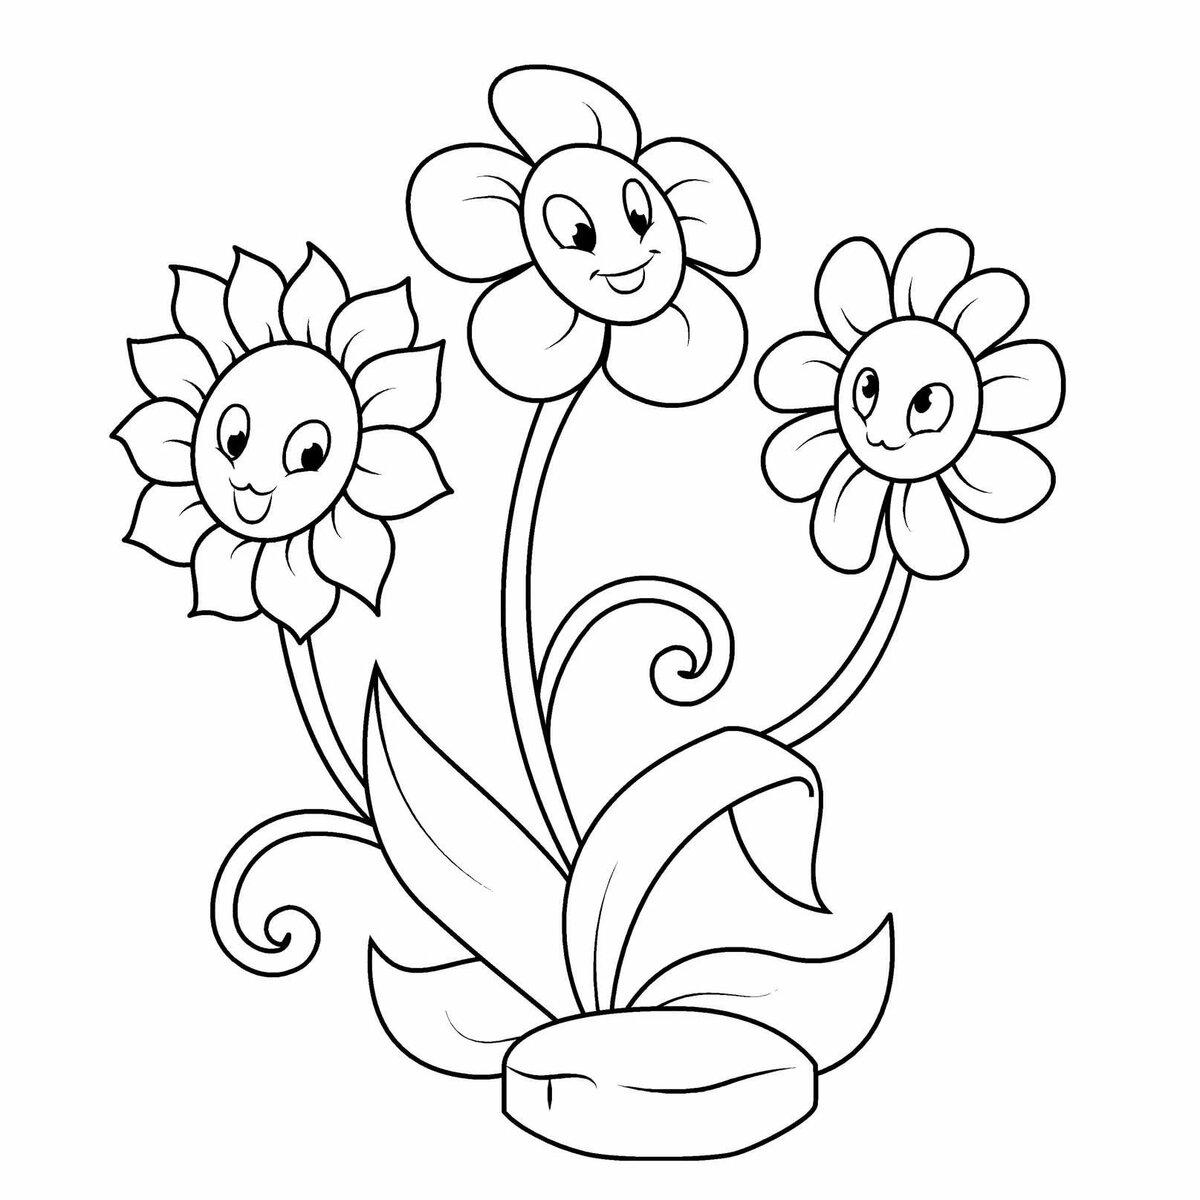 Картинки для детей раскраска ромашка